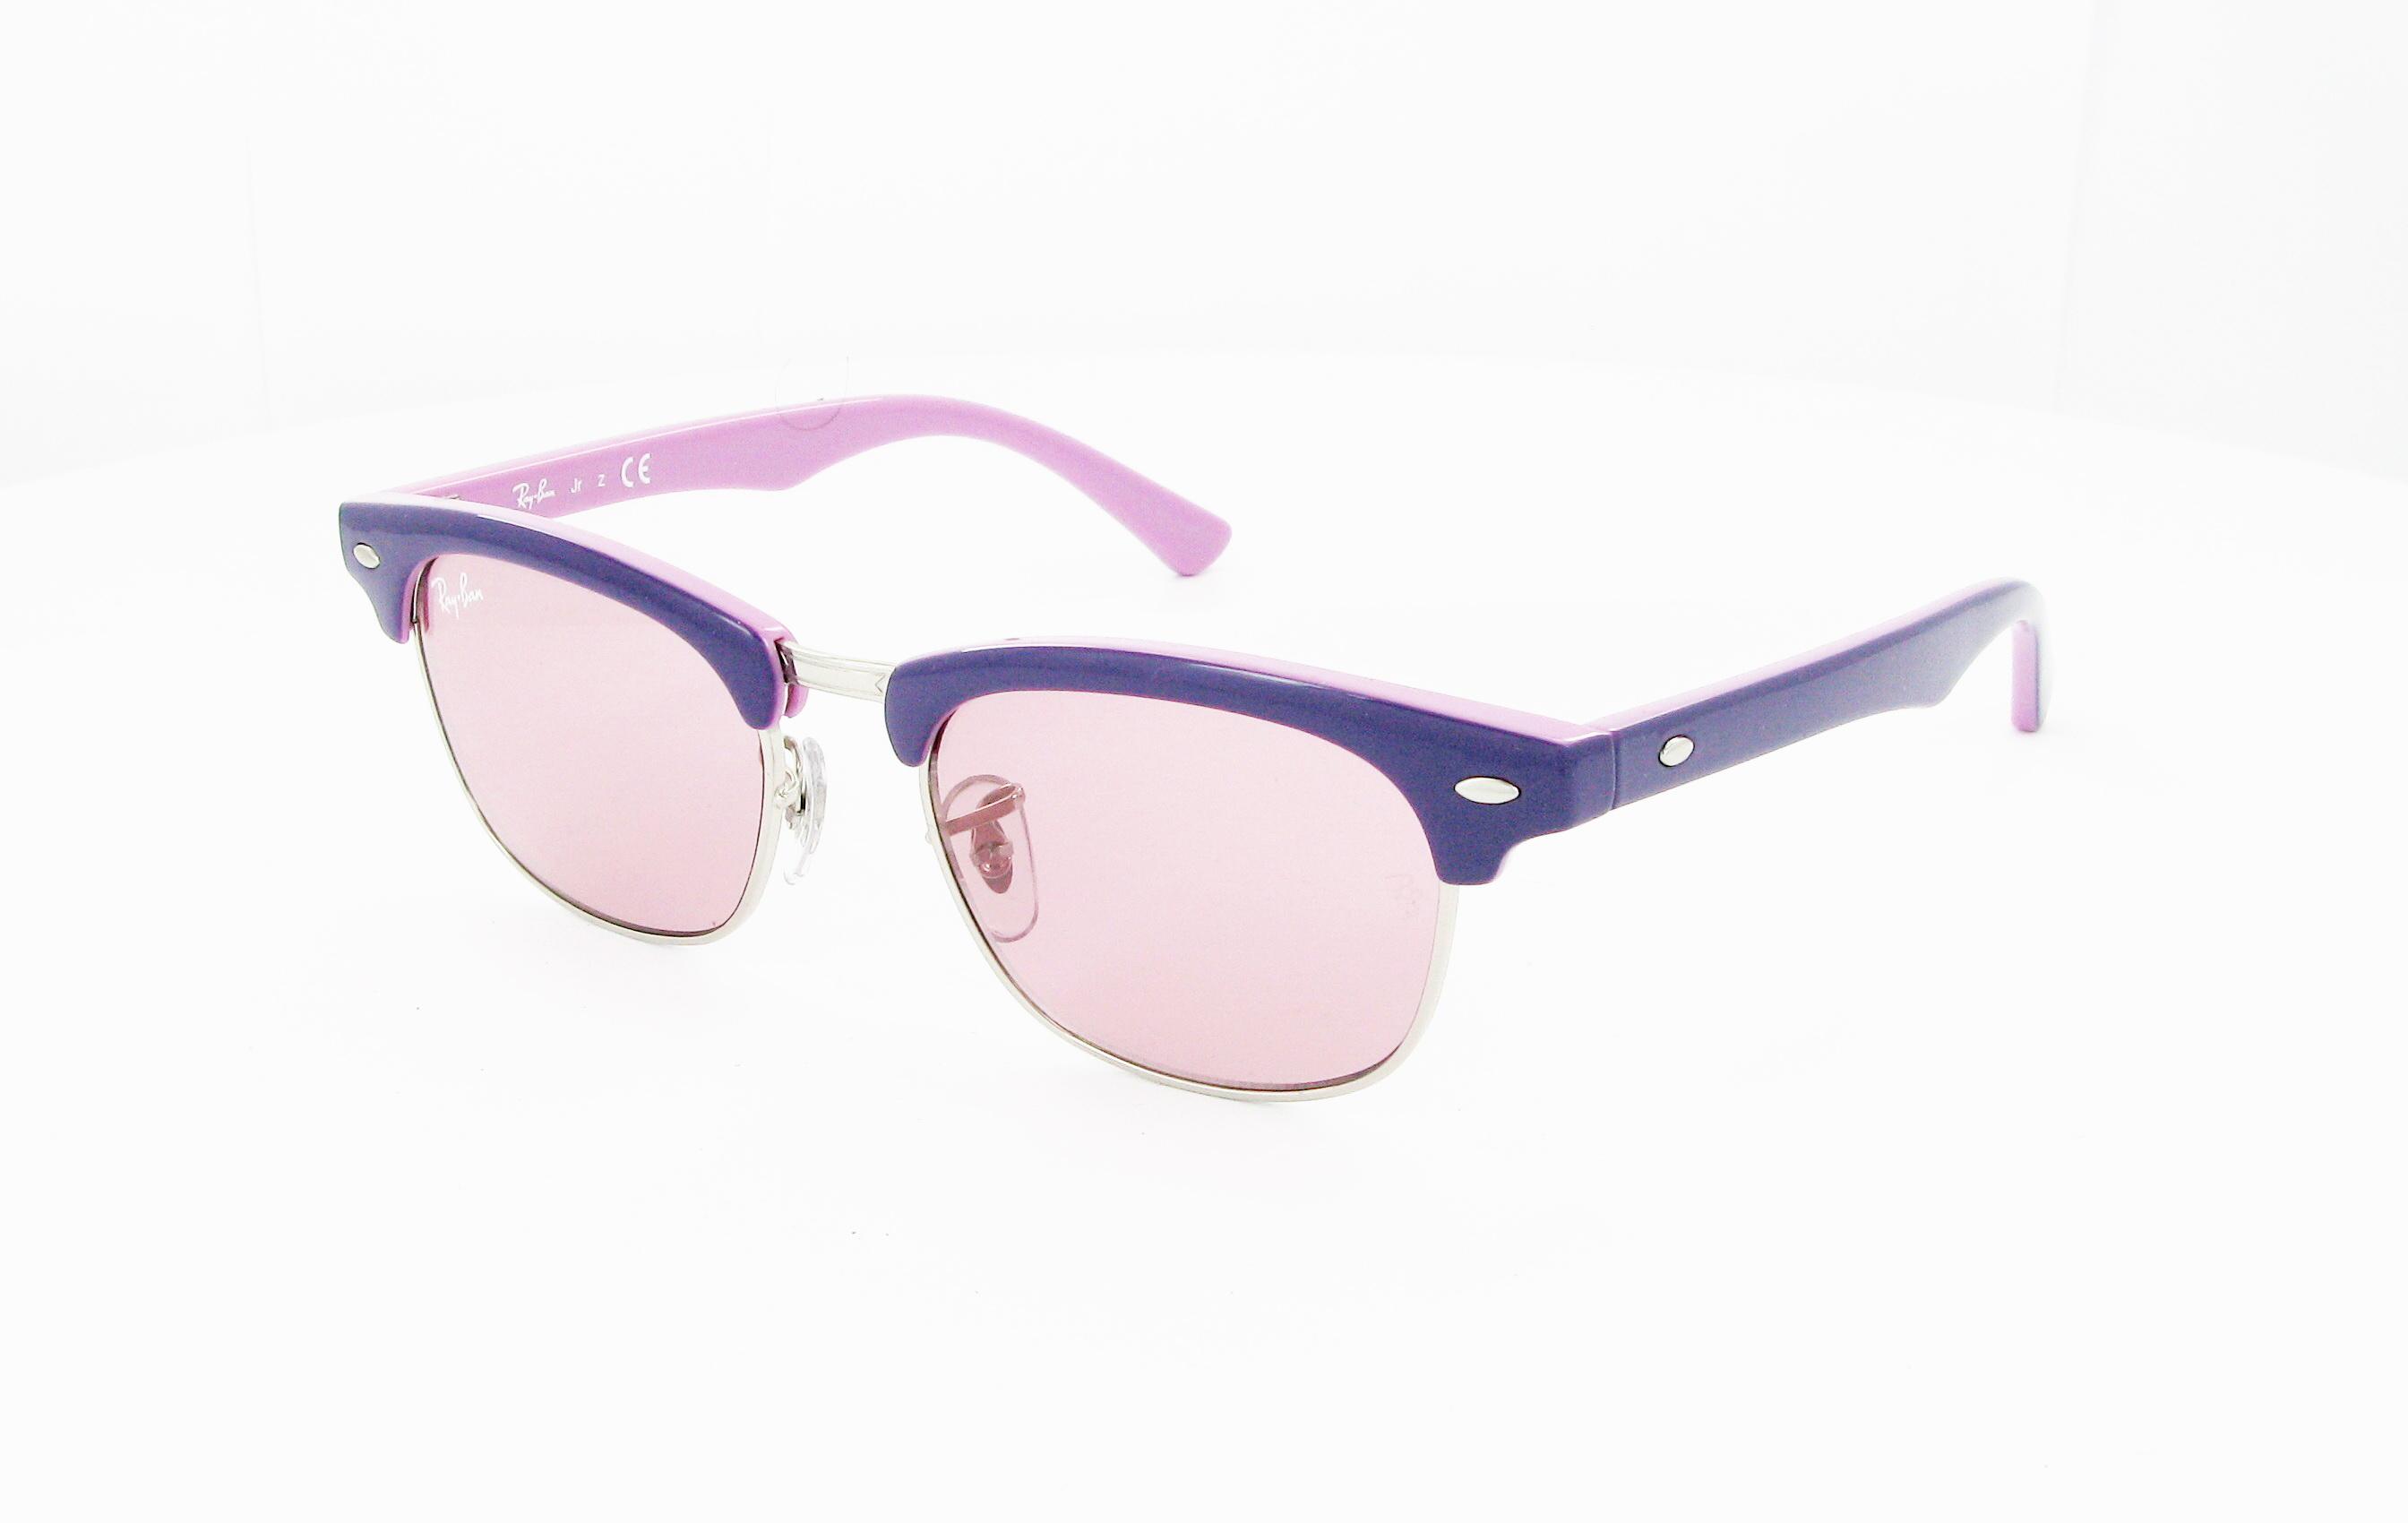 lunette ray ban enfant fille